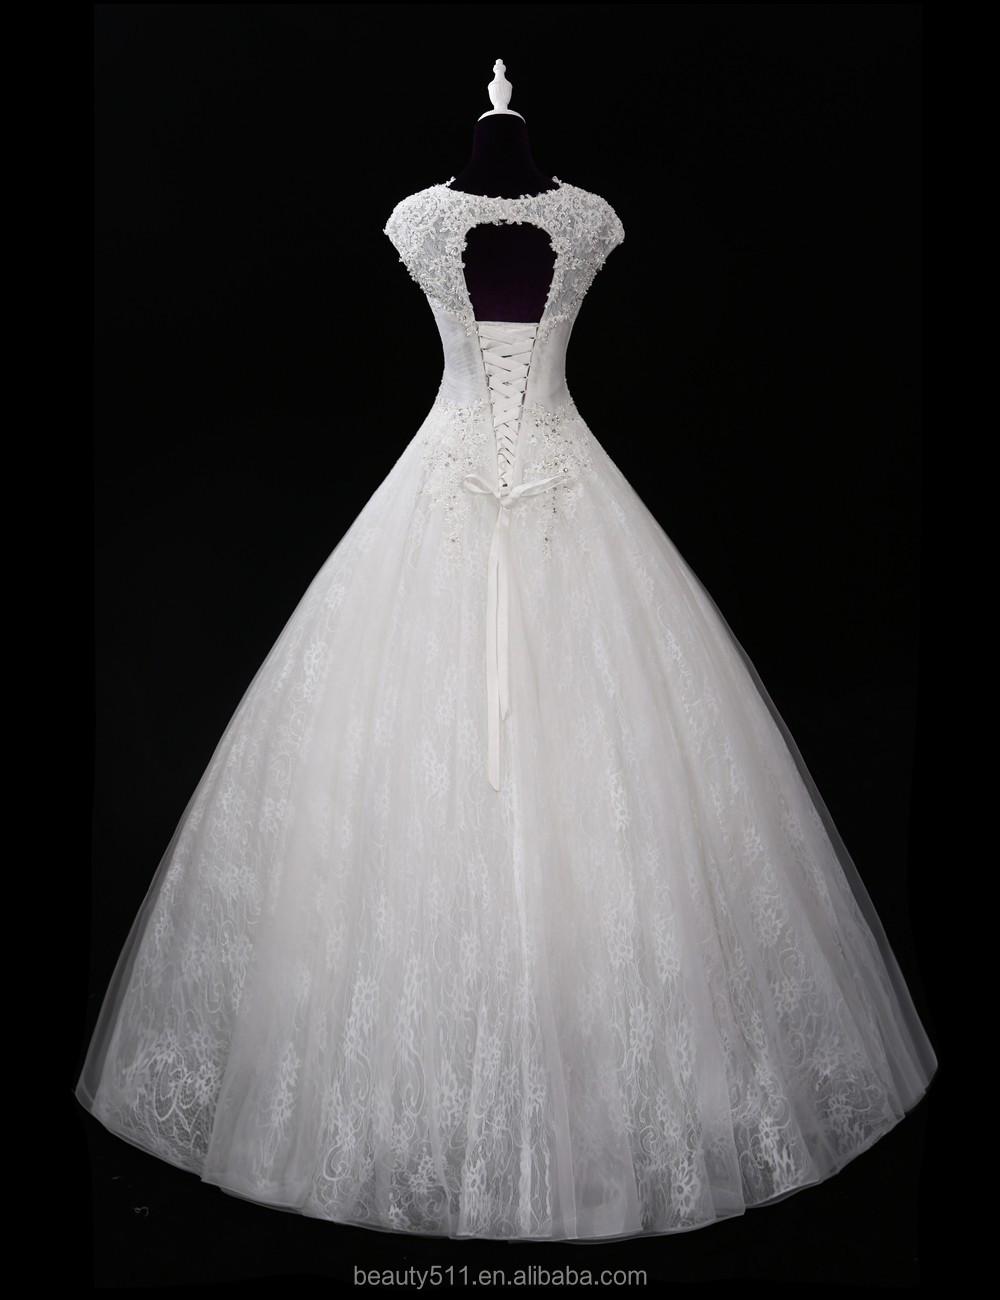 Kleid fur hochzeit frauen